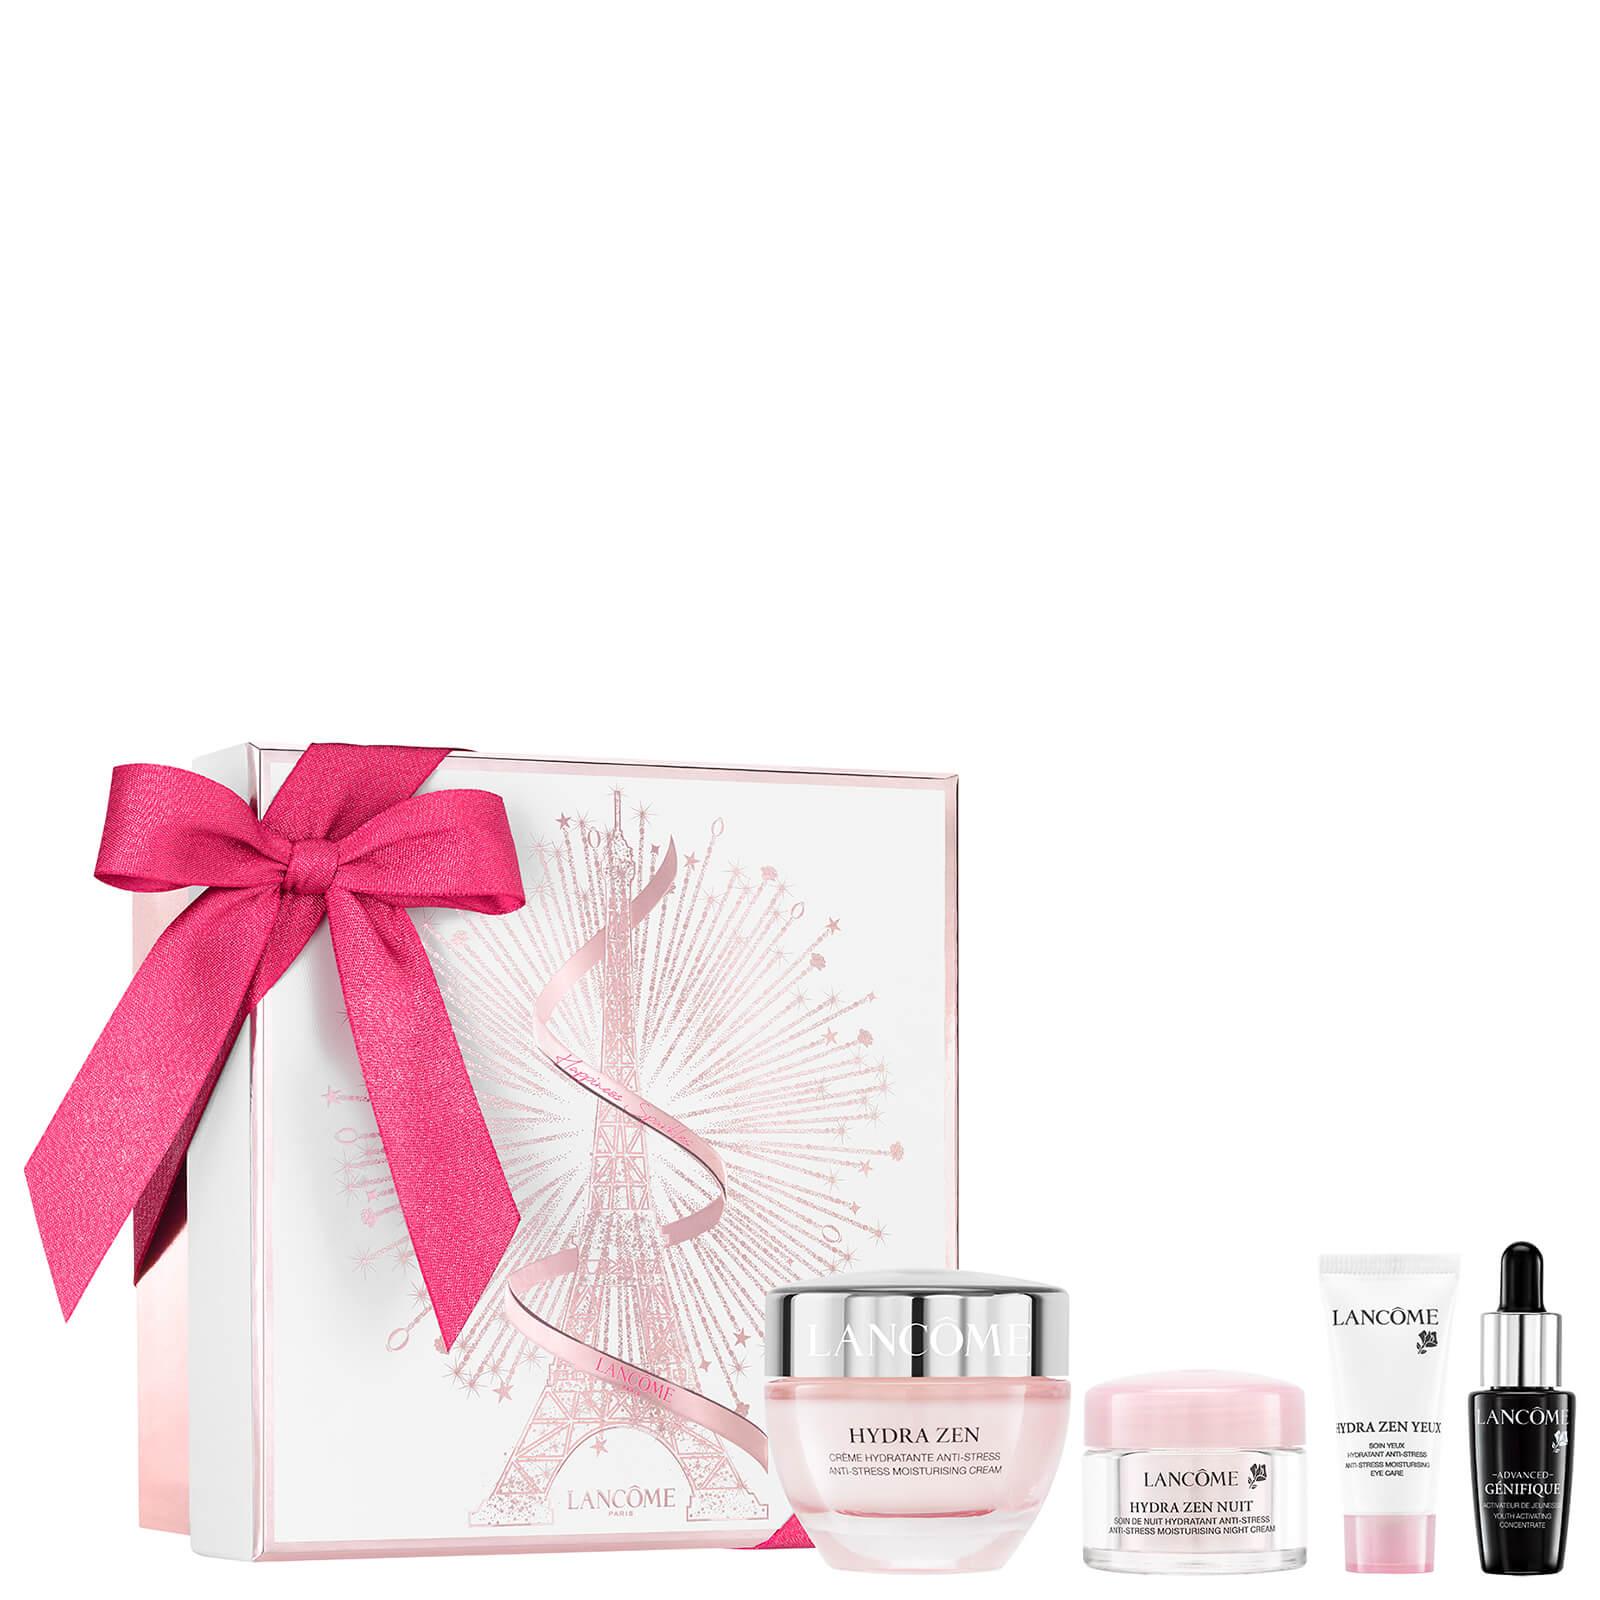 Lancme Hydra Zen Cream Gift Set 50ml Gratis Lieferservice Weltweit Anti Stress Moisturising Gel Beschreibung Treat Your Complexion To The